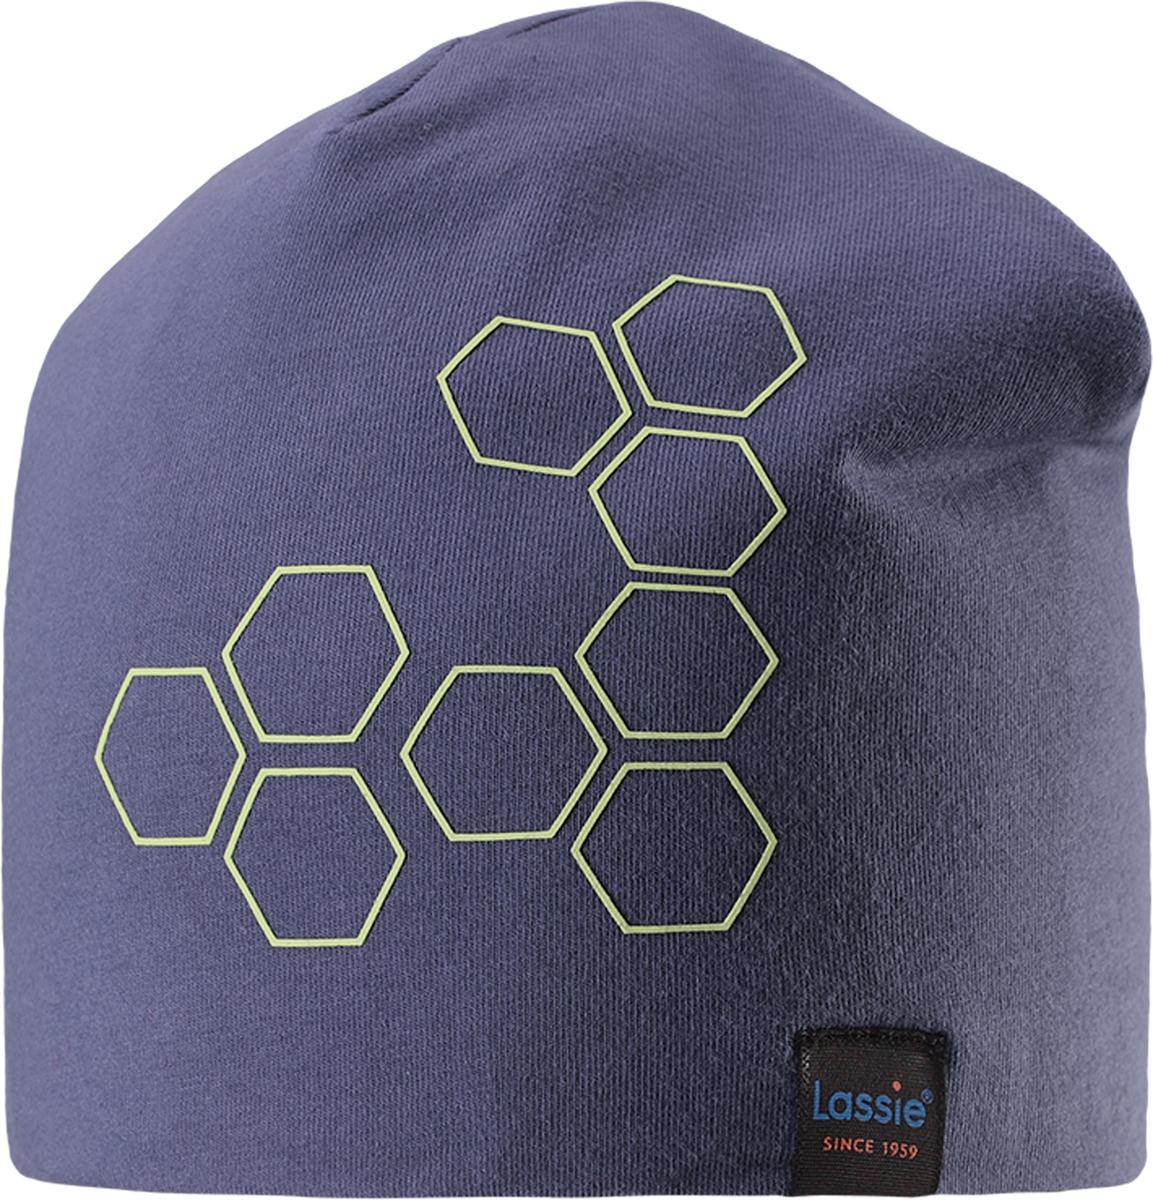 Шапка детская7287084860Яркая модная шапка сделана из легкого и удобного джерси. Полная подкладка из мягкого и теплого флиса и ветронепроницаемые вставки в области ушей хорошо согревают голову.